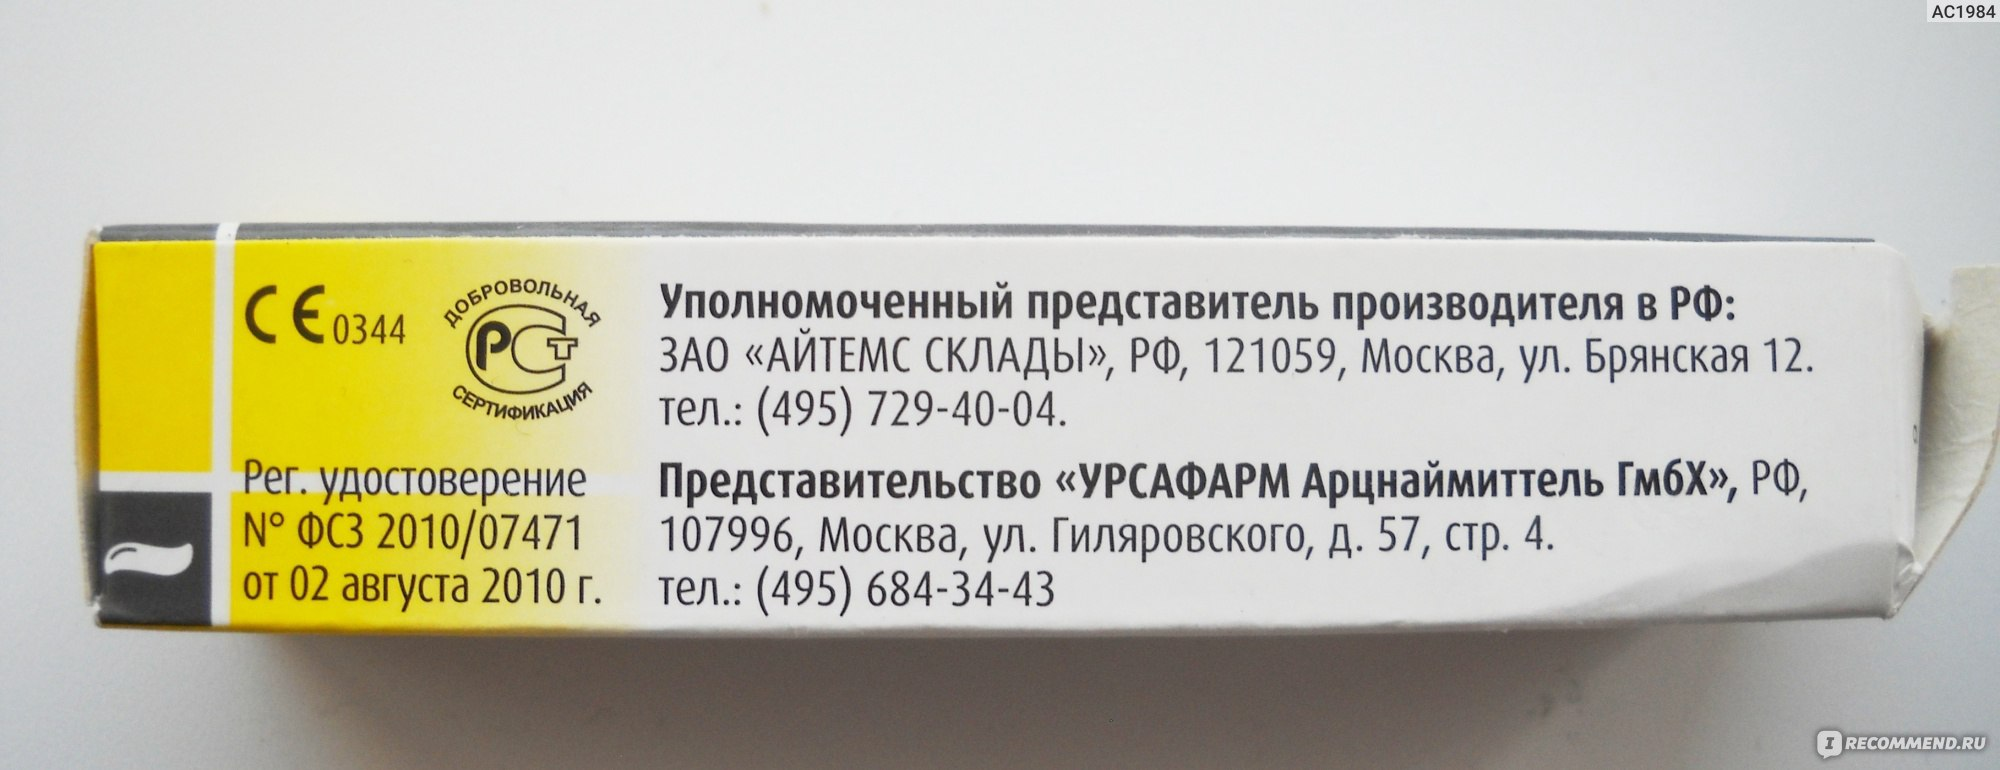 Какими аналогами можно заменить препарат витапрост? свечи витапрост: дешевые аналоги